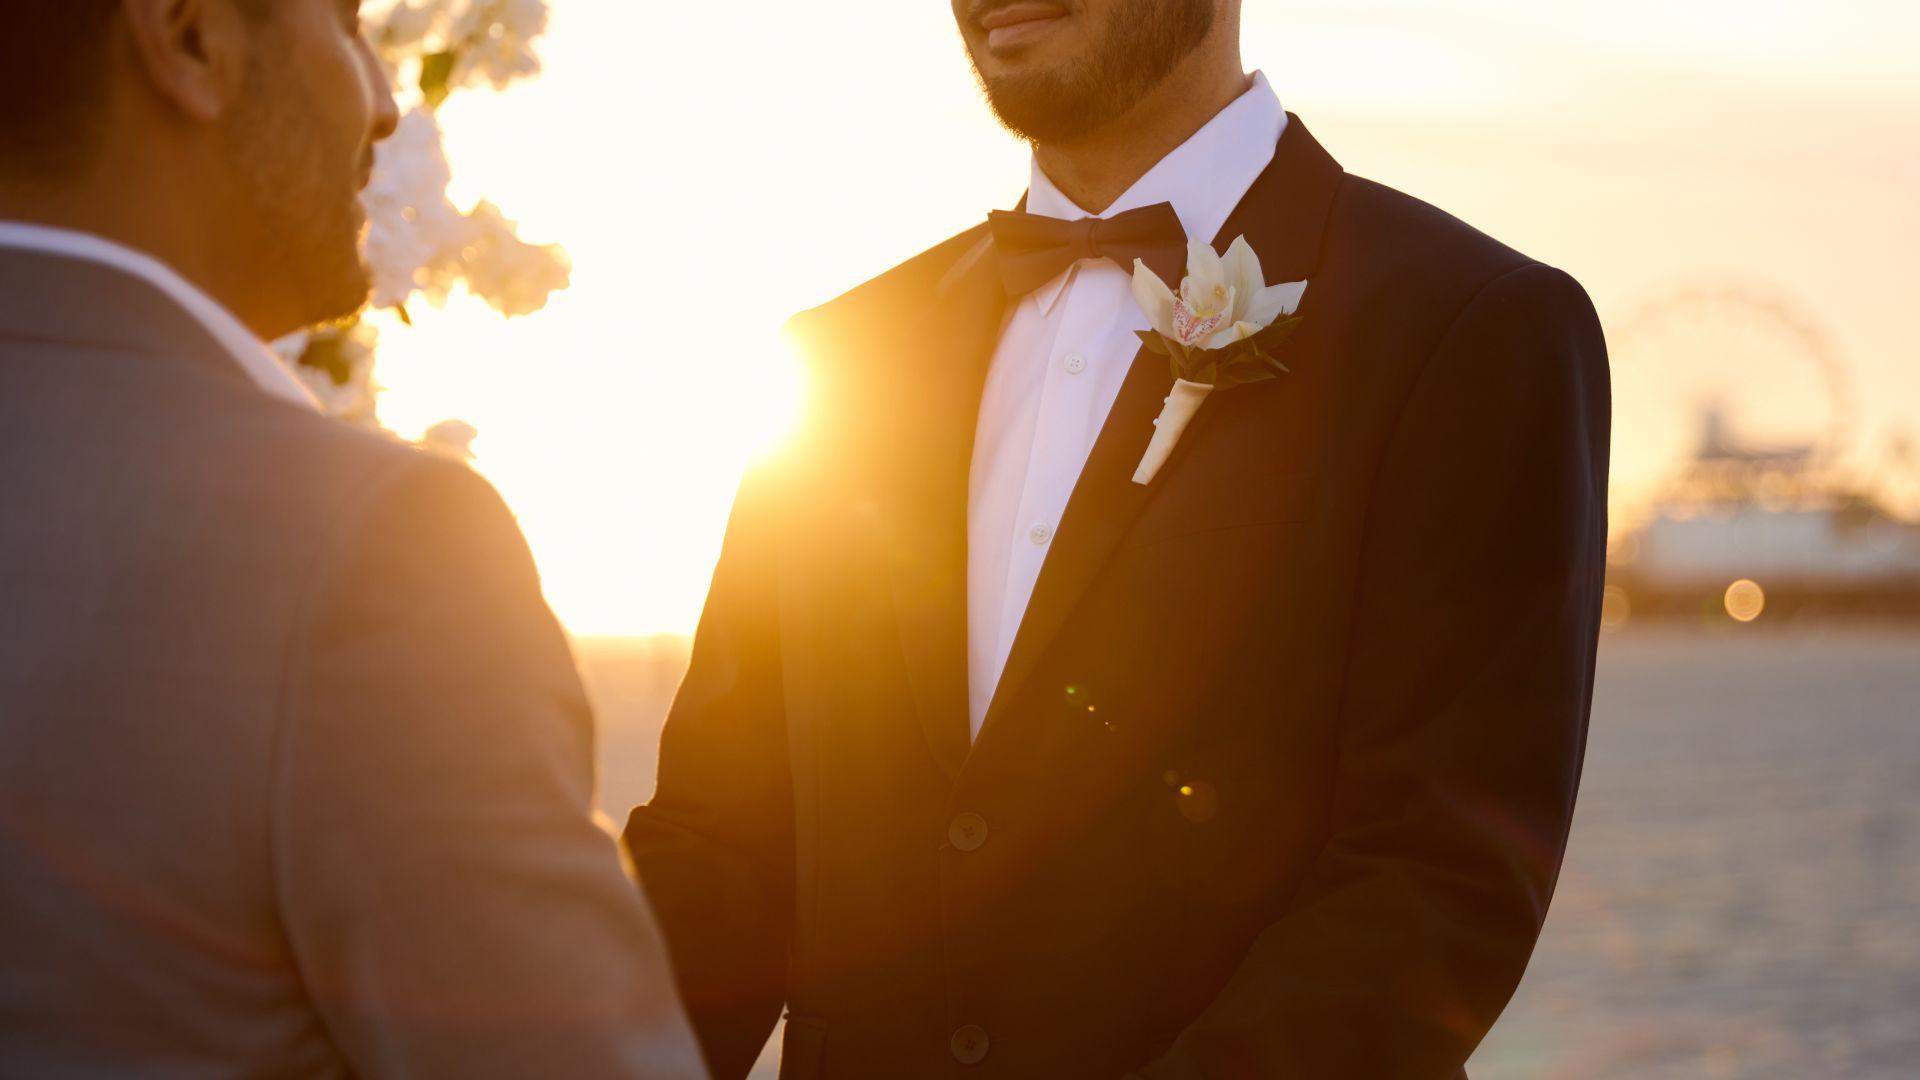 Una persona con traje y corbata sosteniendo la mano en alto